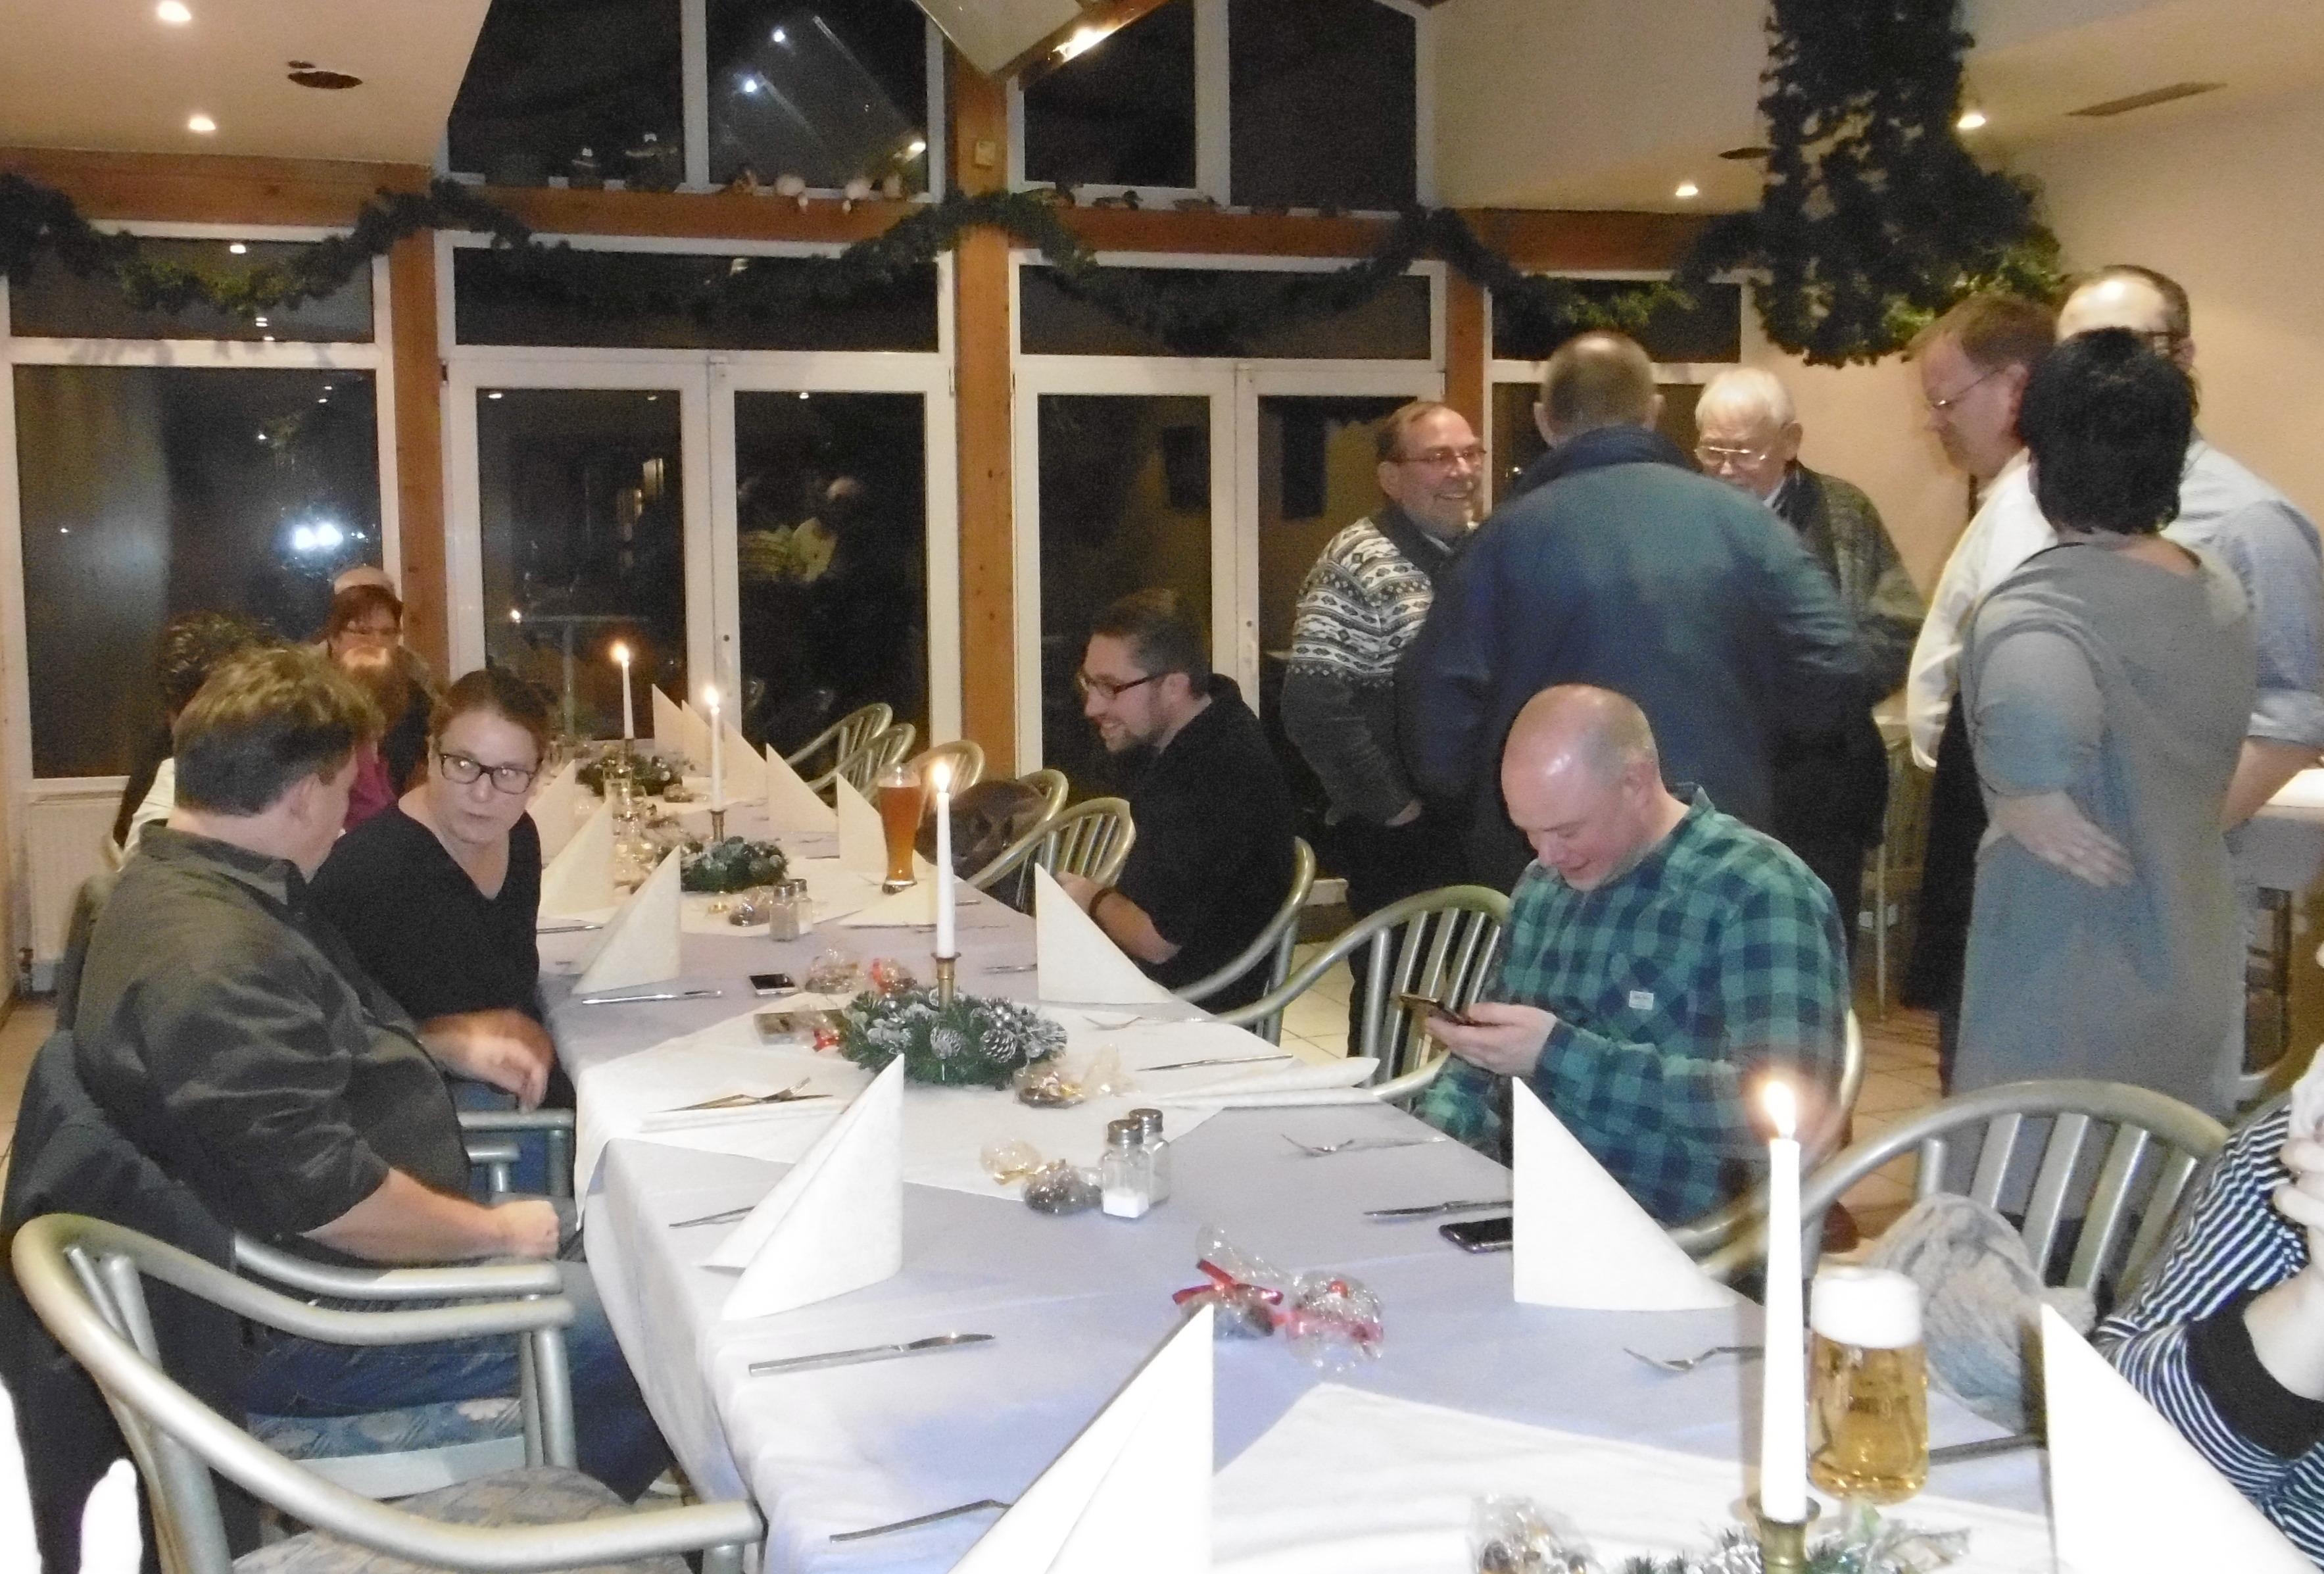 Restaurant Weihnachtsessen.Weihnachtsessen November 2017